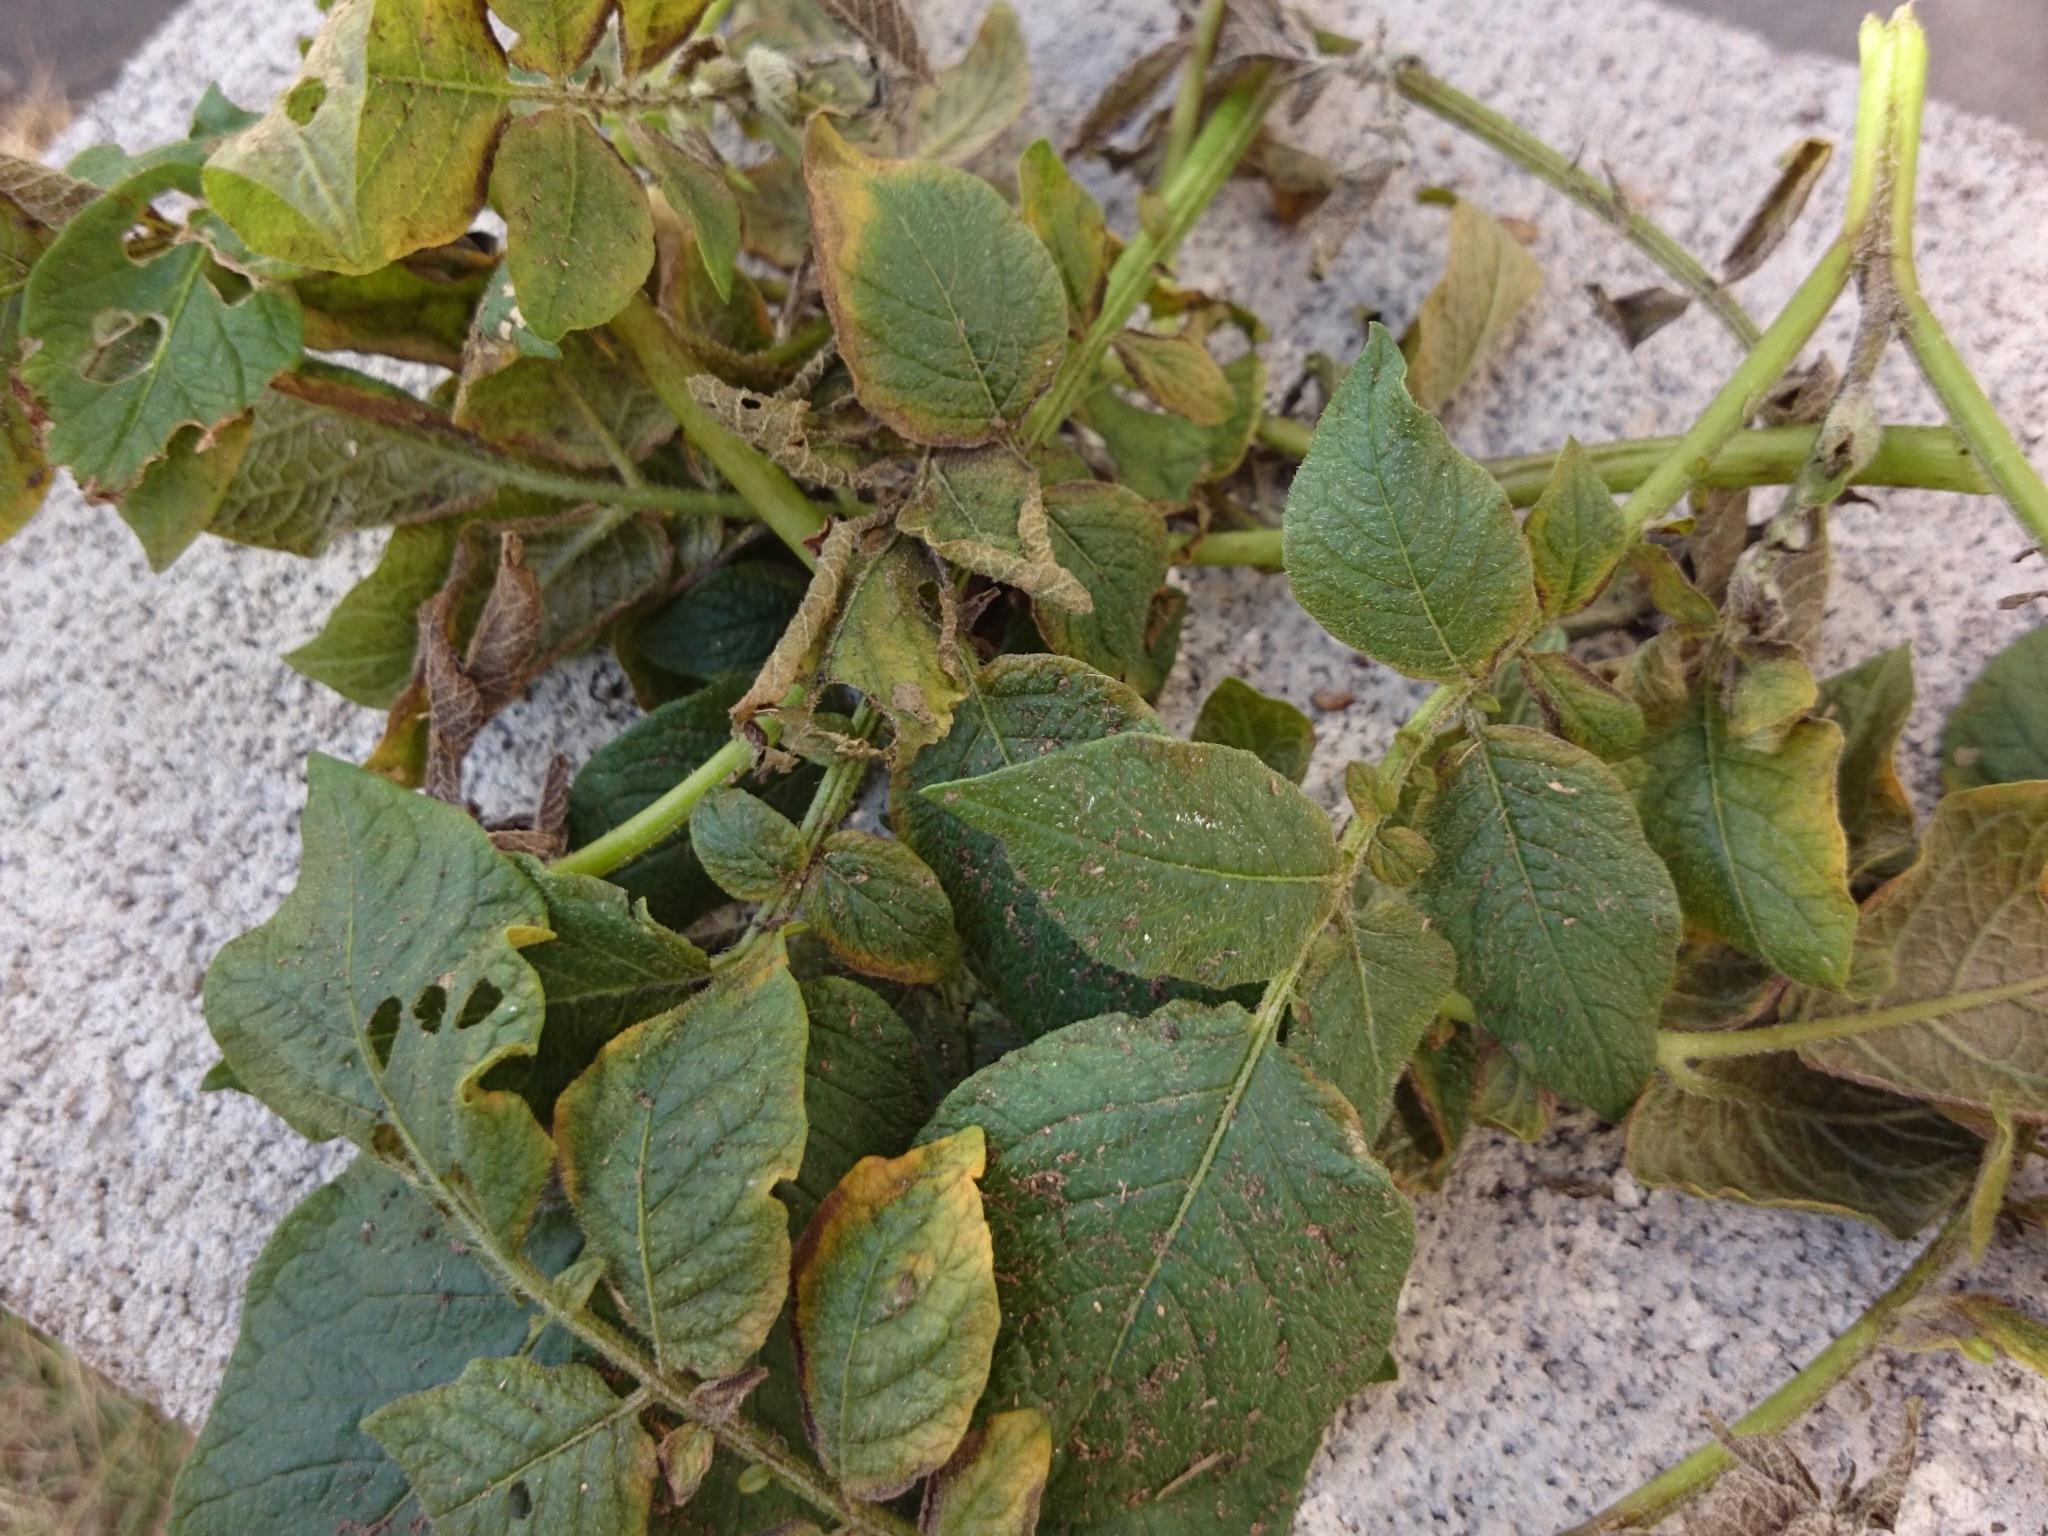 枯れ葉摘み取り